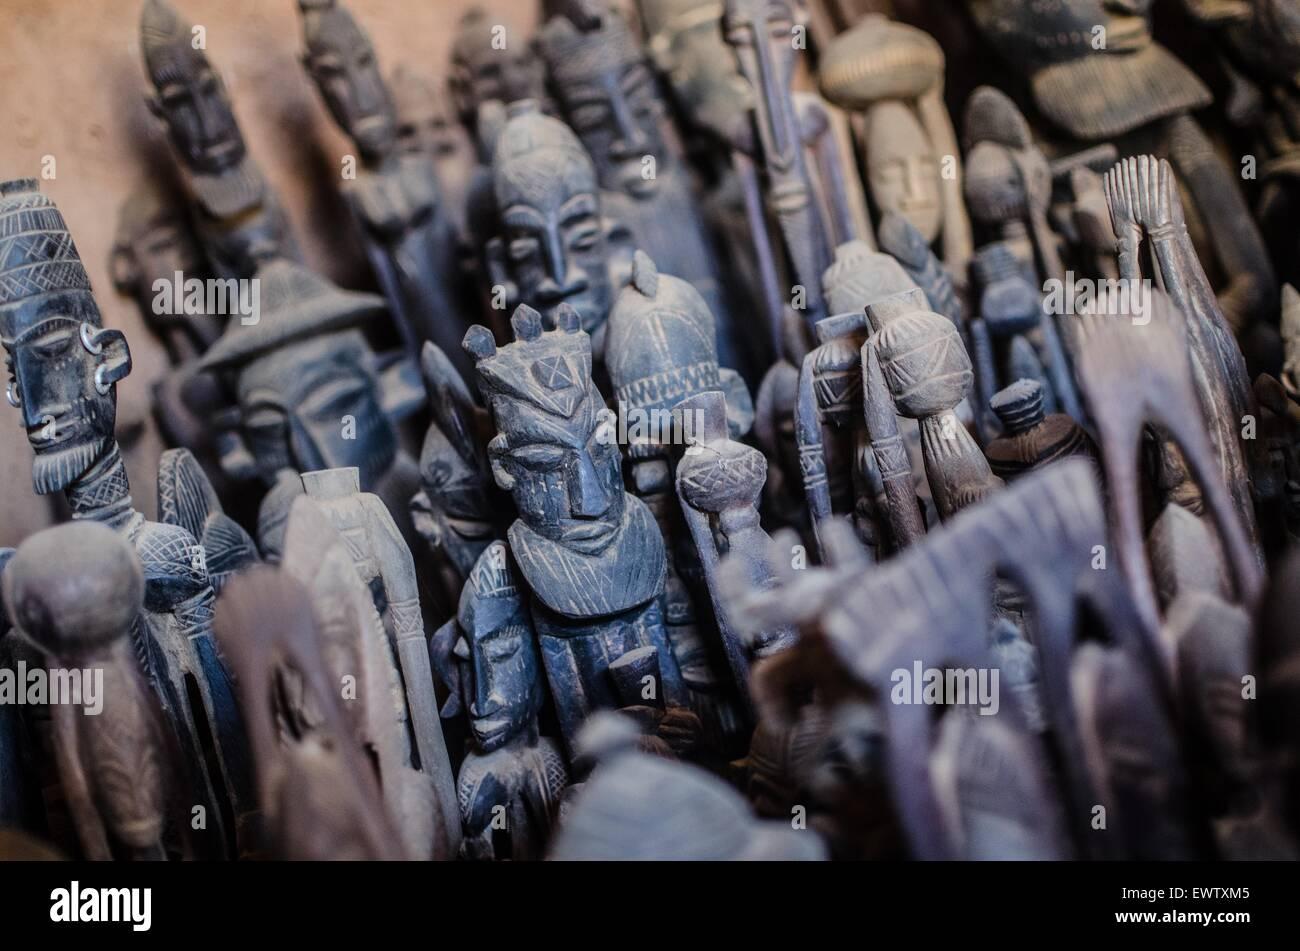 Les sculptures en bois à vendre en pays Dogon, au Mali. Photo Stock